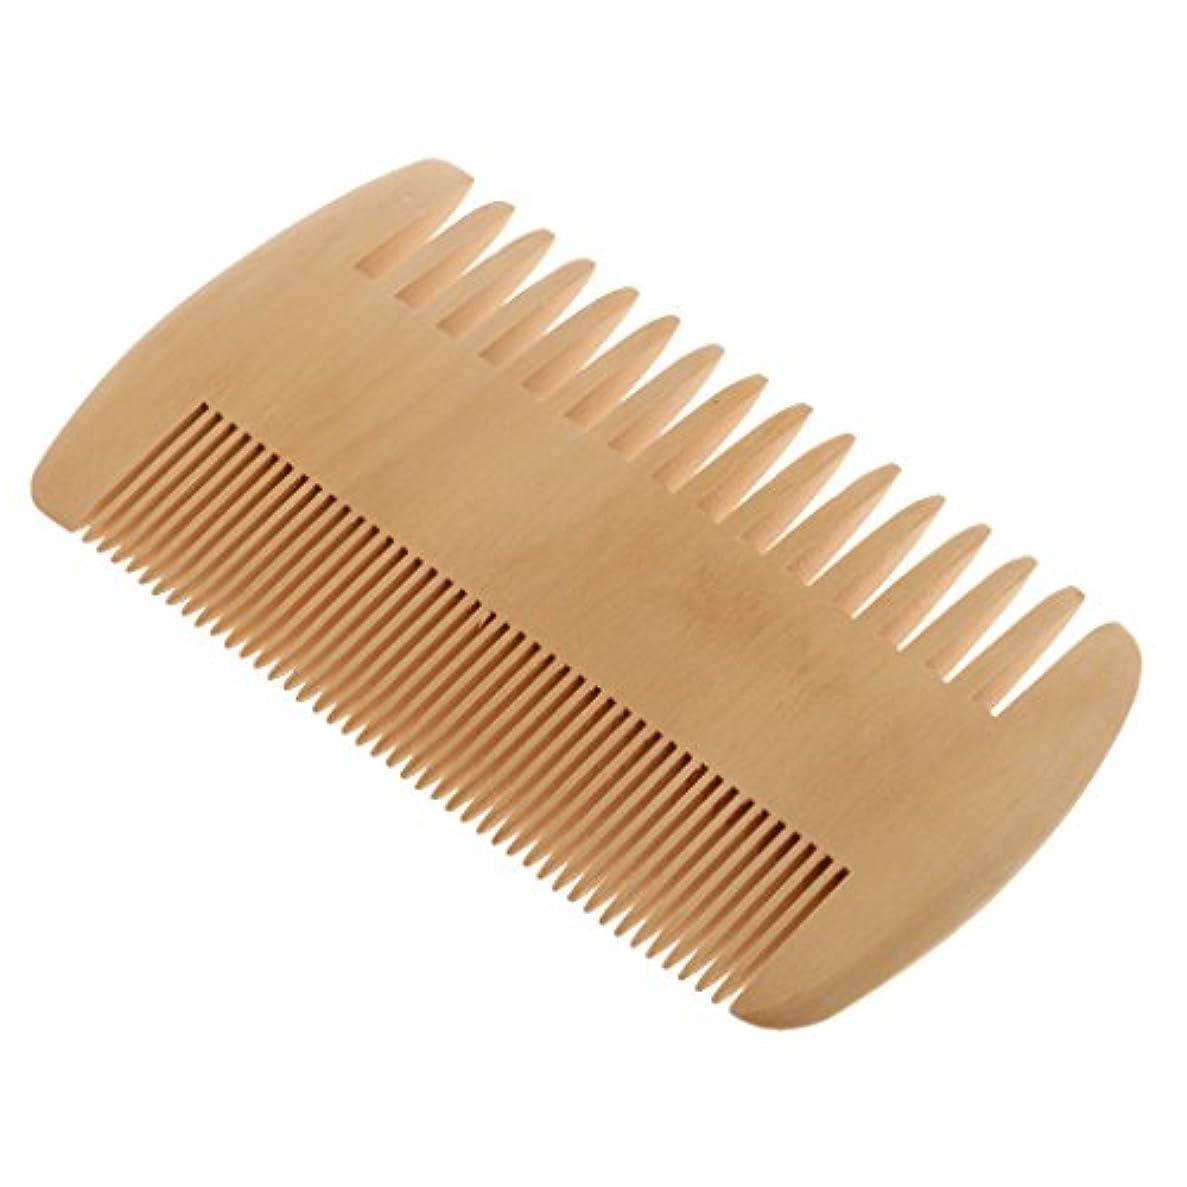 伴う不名誉な一見CUTICATE 木製コーム 木製櫛 ヘアブラシ 帯電防止櫛 ポケットコーム ヘアスタイリング 用品